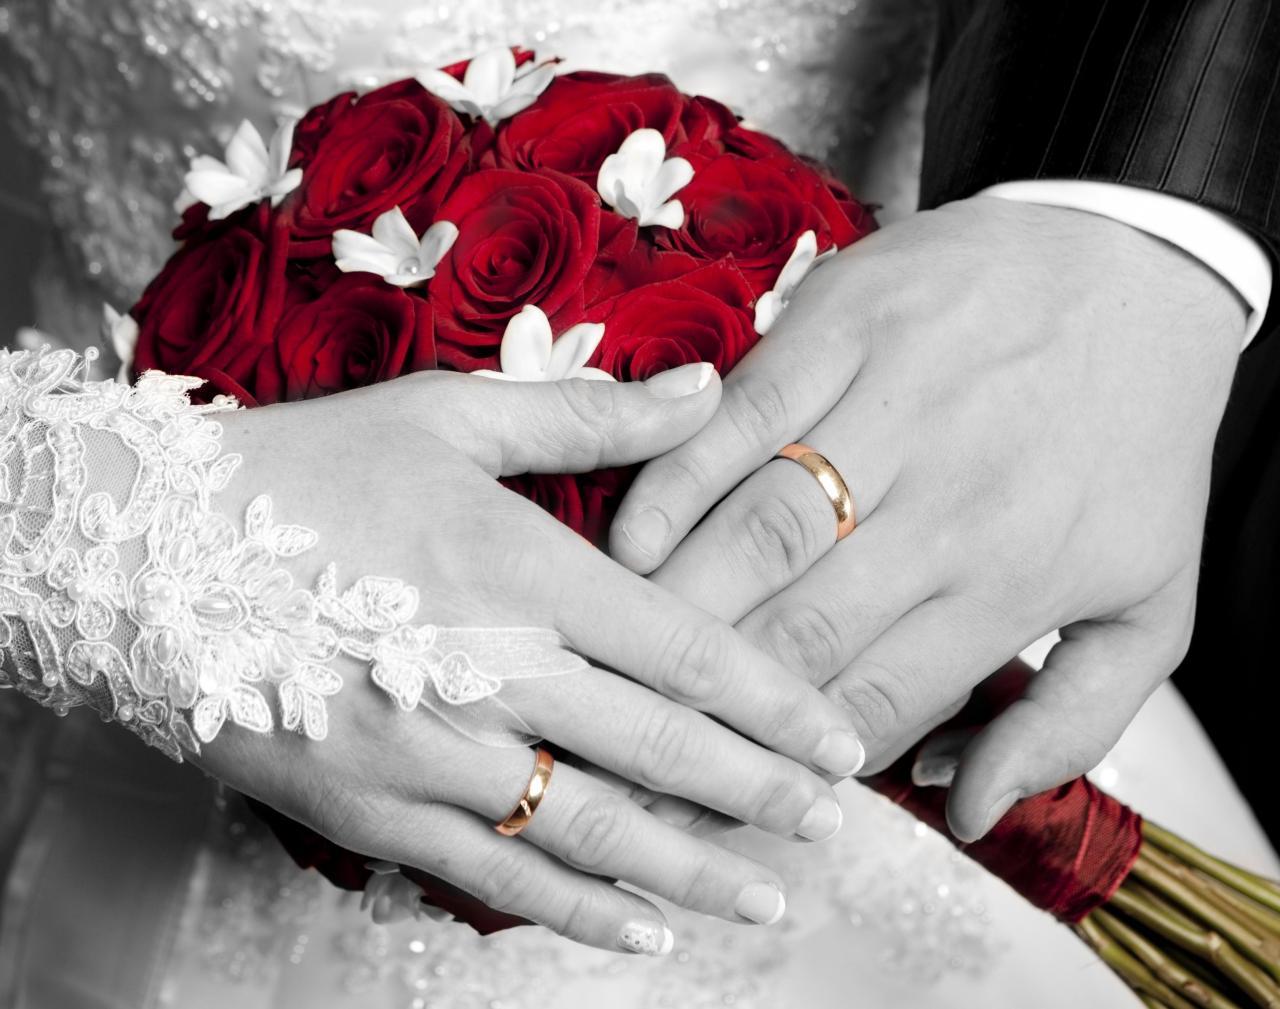 صور صور مبروك الزواج , صور مكتوب عليها تهنئة للزواج